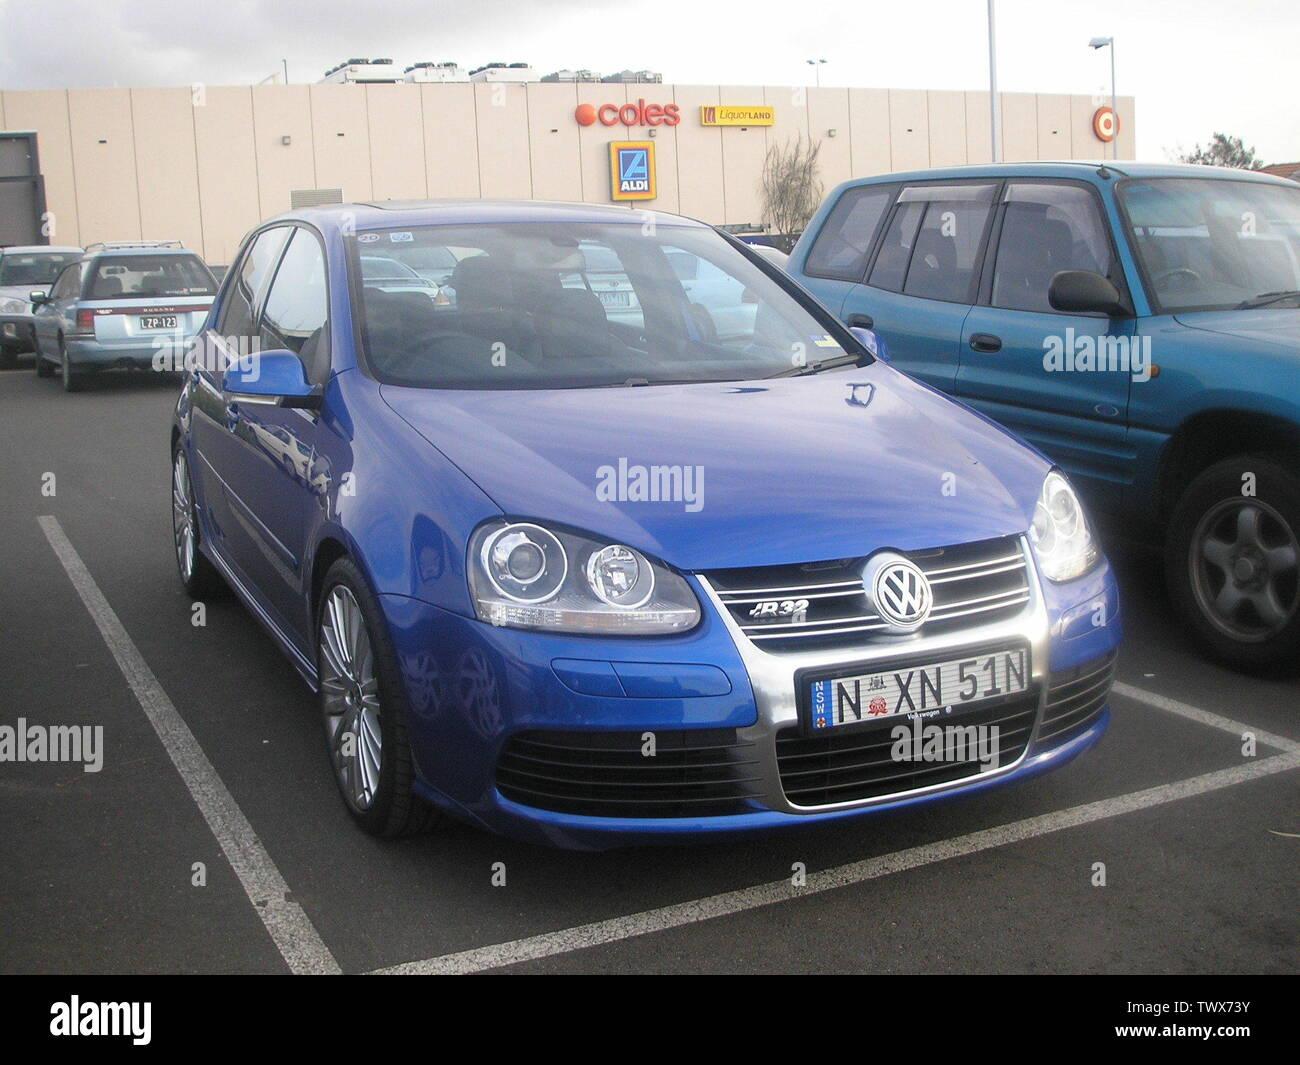 Volkswagen R32 Stock Photos & Volkswagen R32 Stock Images - Alamy